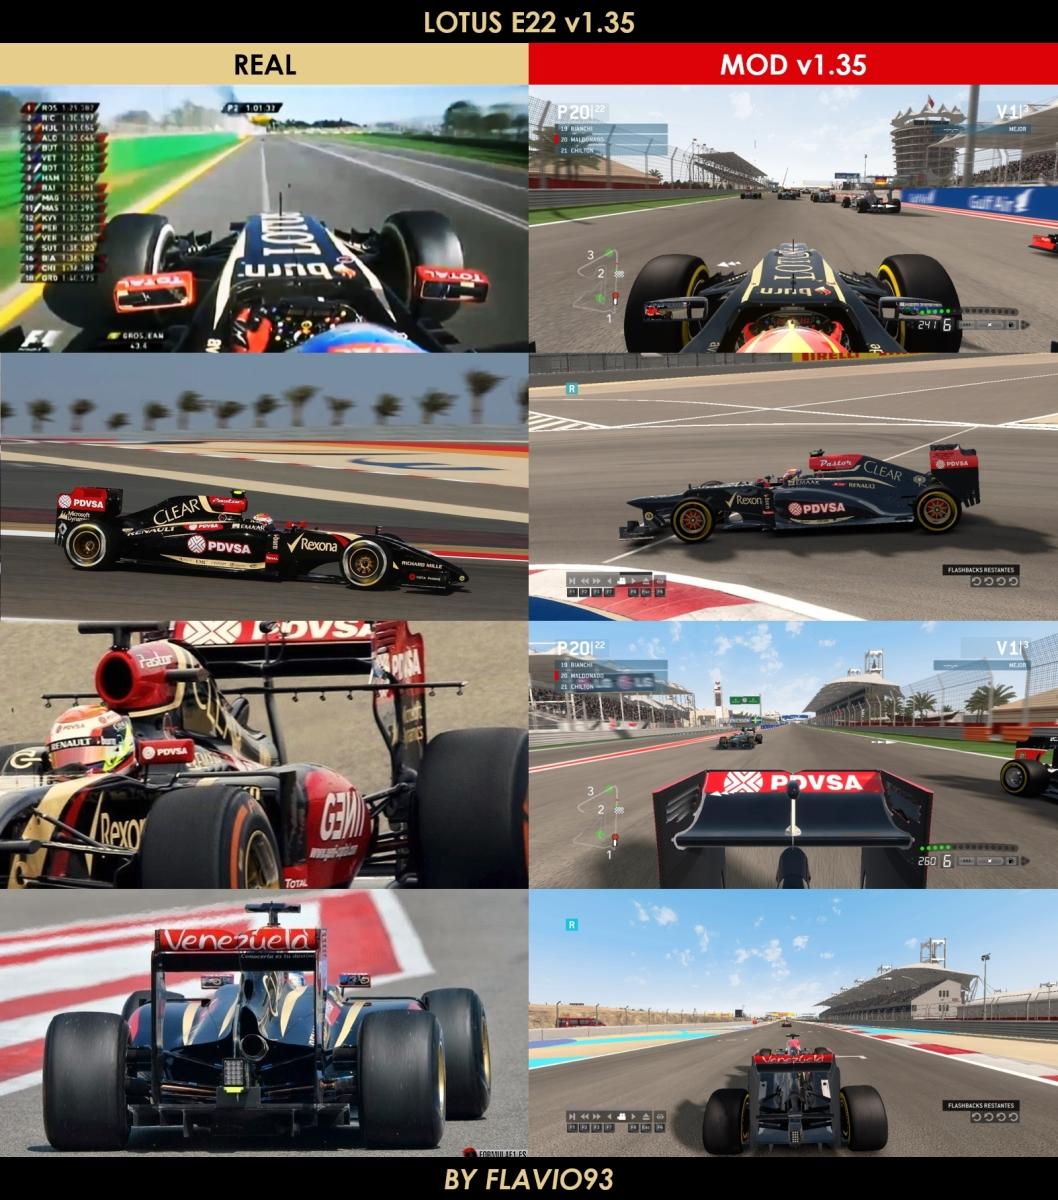 Lotus E22 v1.35.jpg